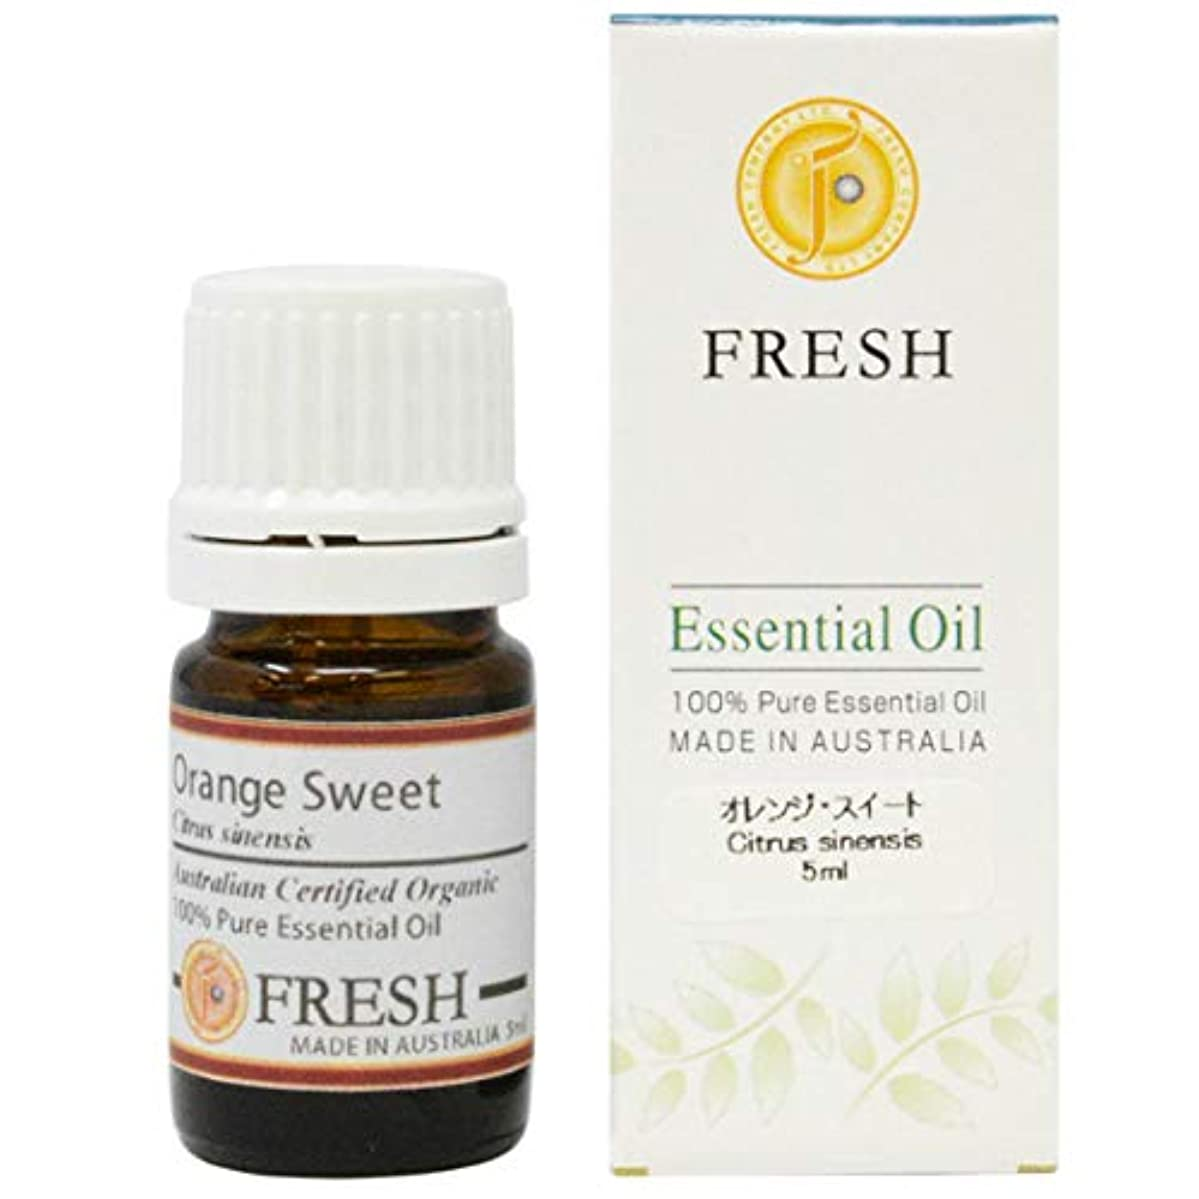 加速するオデュッセウスピザFRESH オーガニック エッセンシャルオイル オレンジ?スイート 5ml (FRESH 精油)